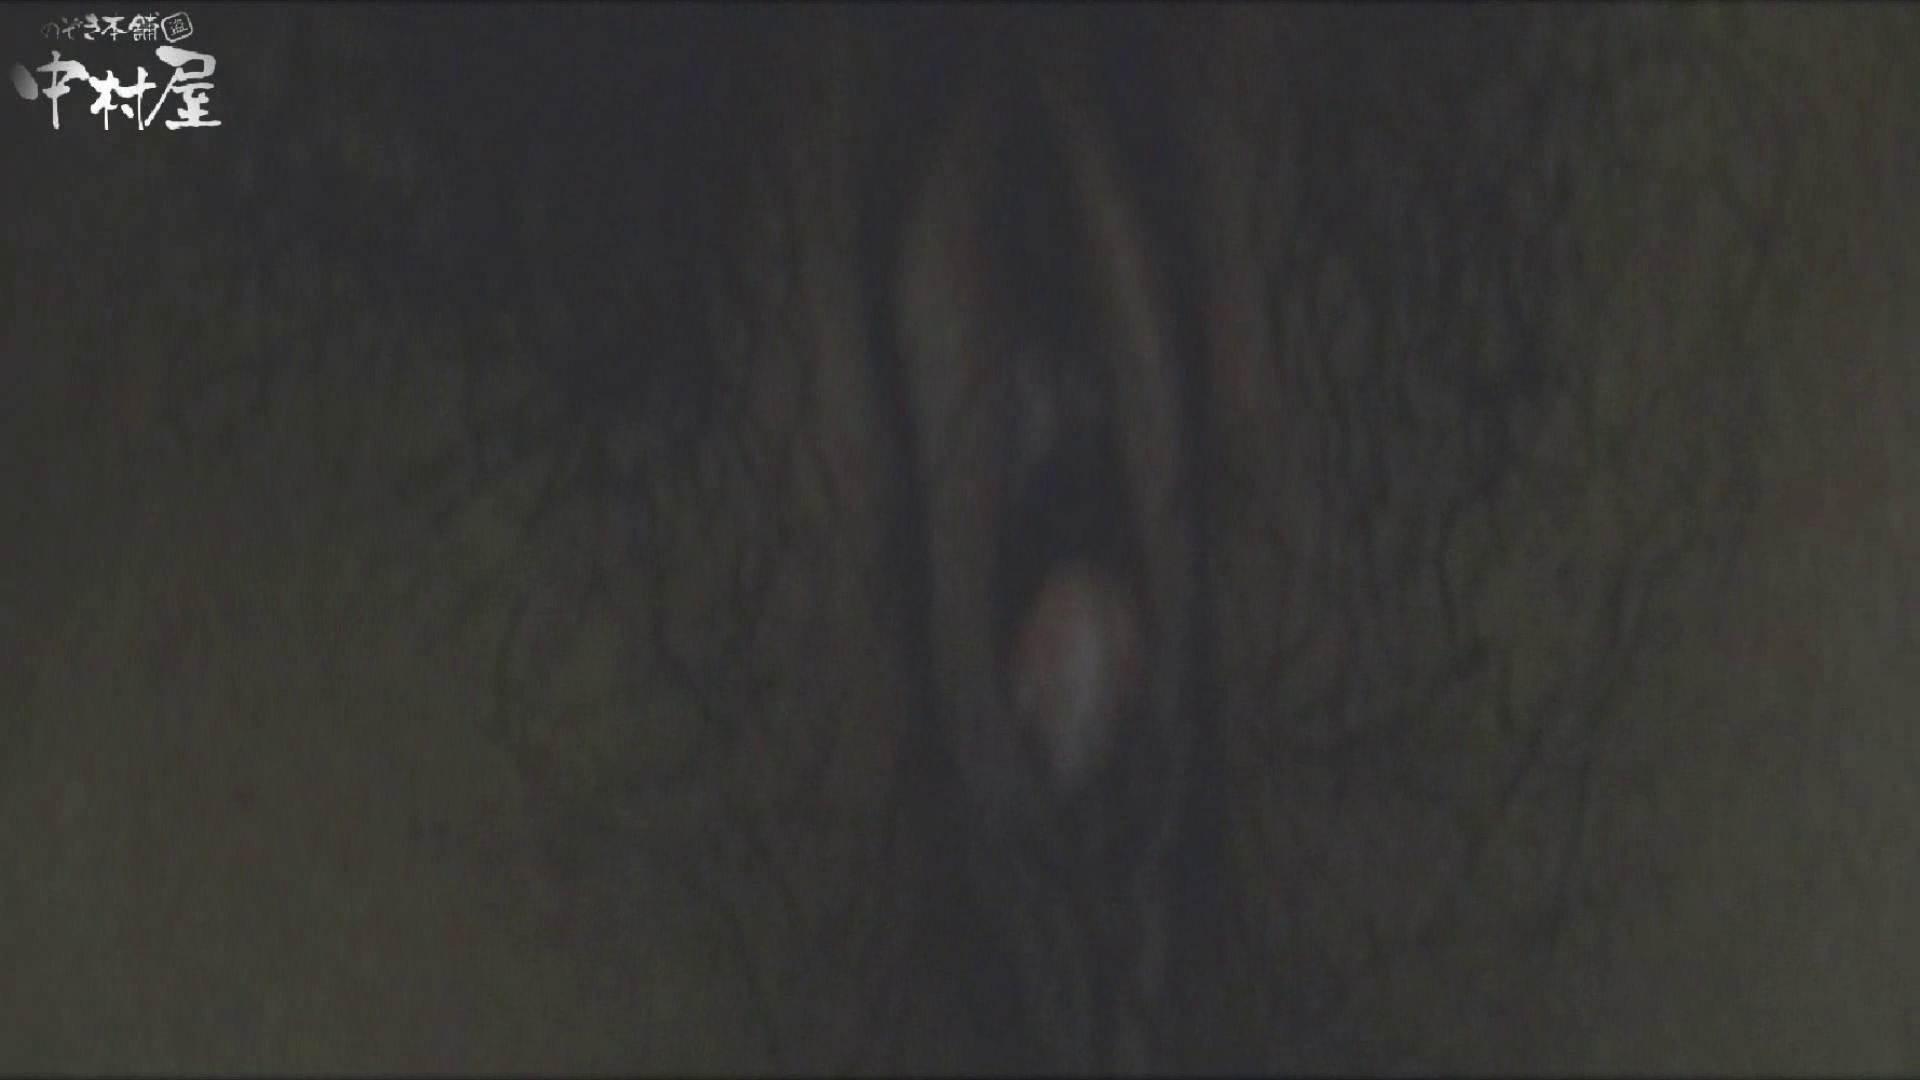 ネムリ姫 vol.09 覗き おめこ無修正動画無料 87PIX 38